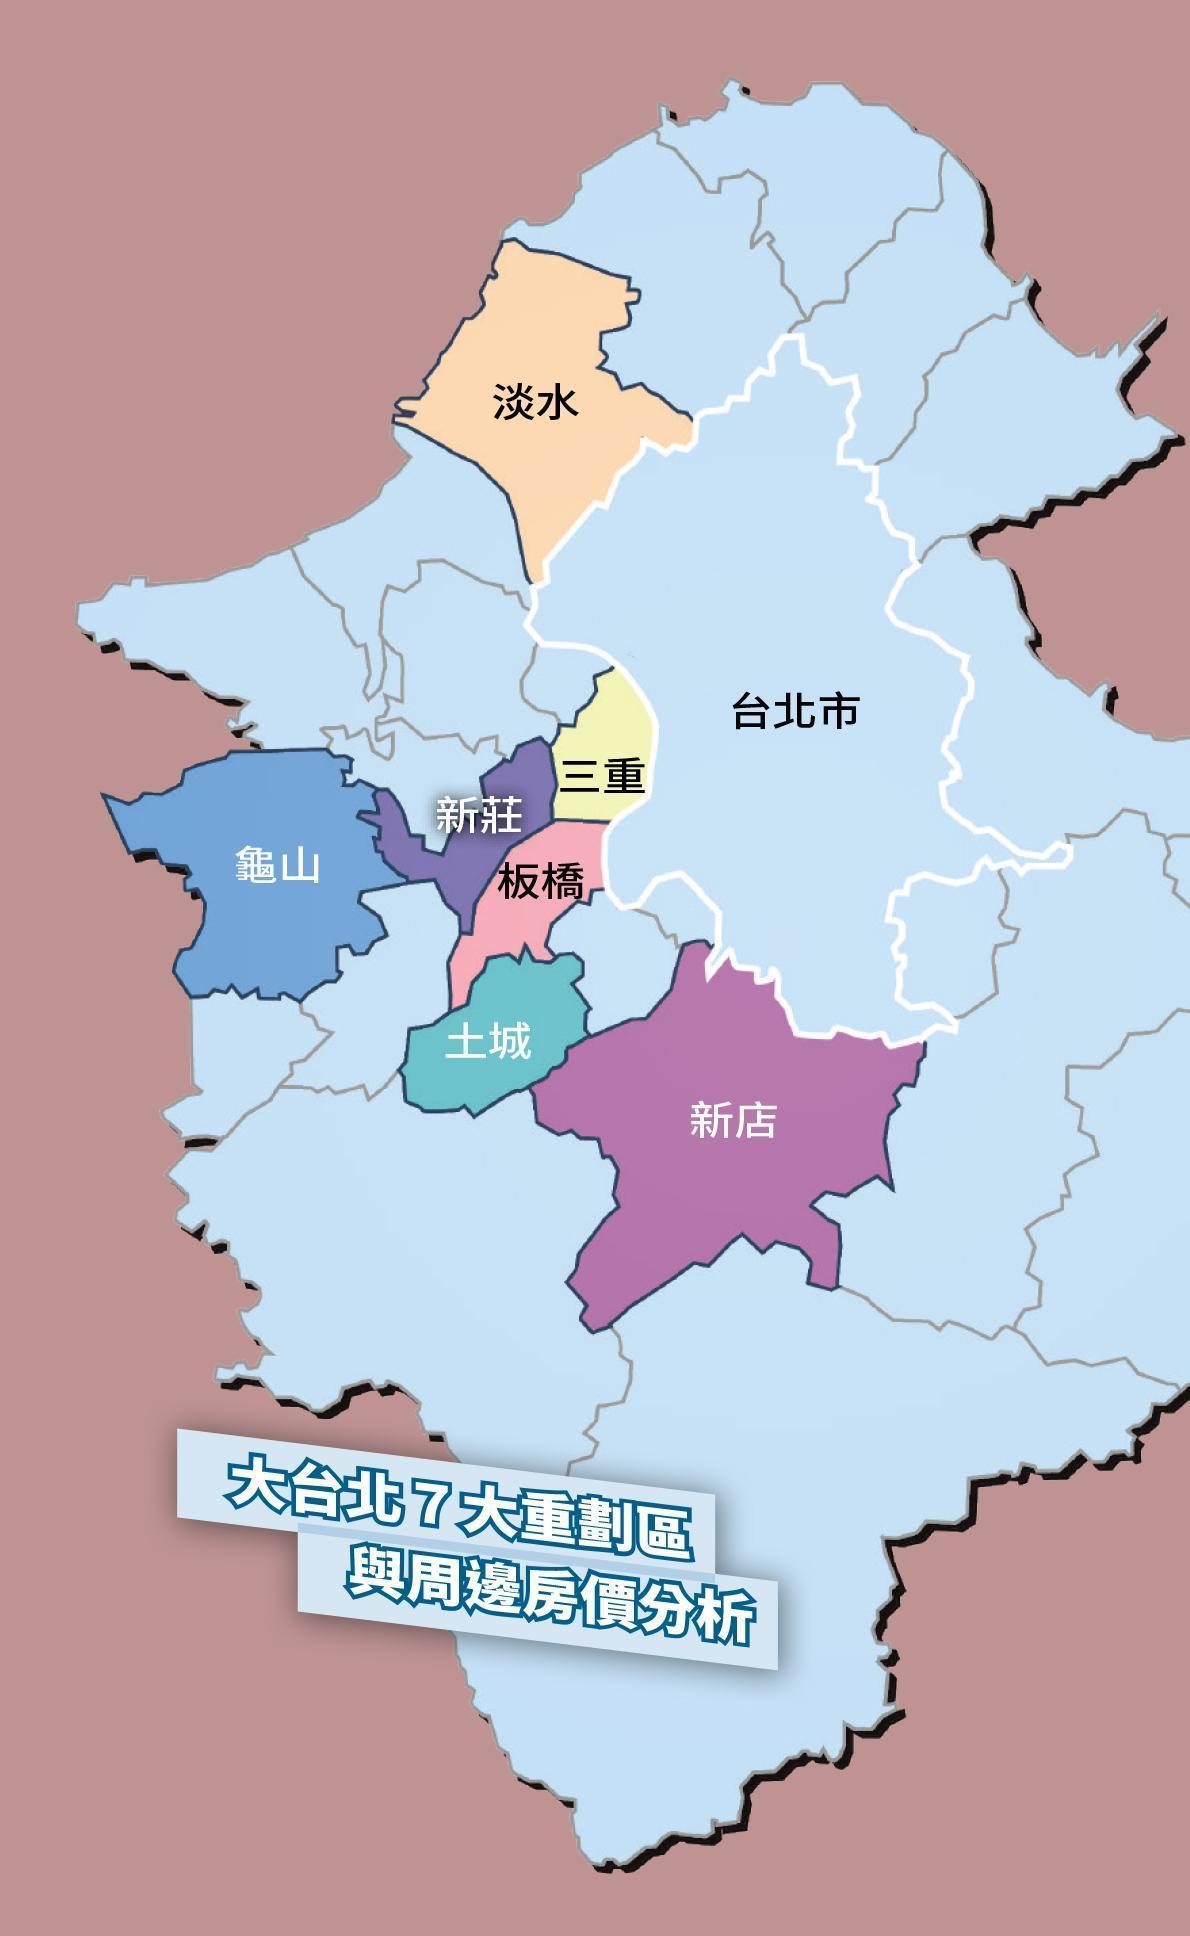 大台北7大重劃區與周邊房價分析